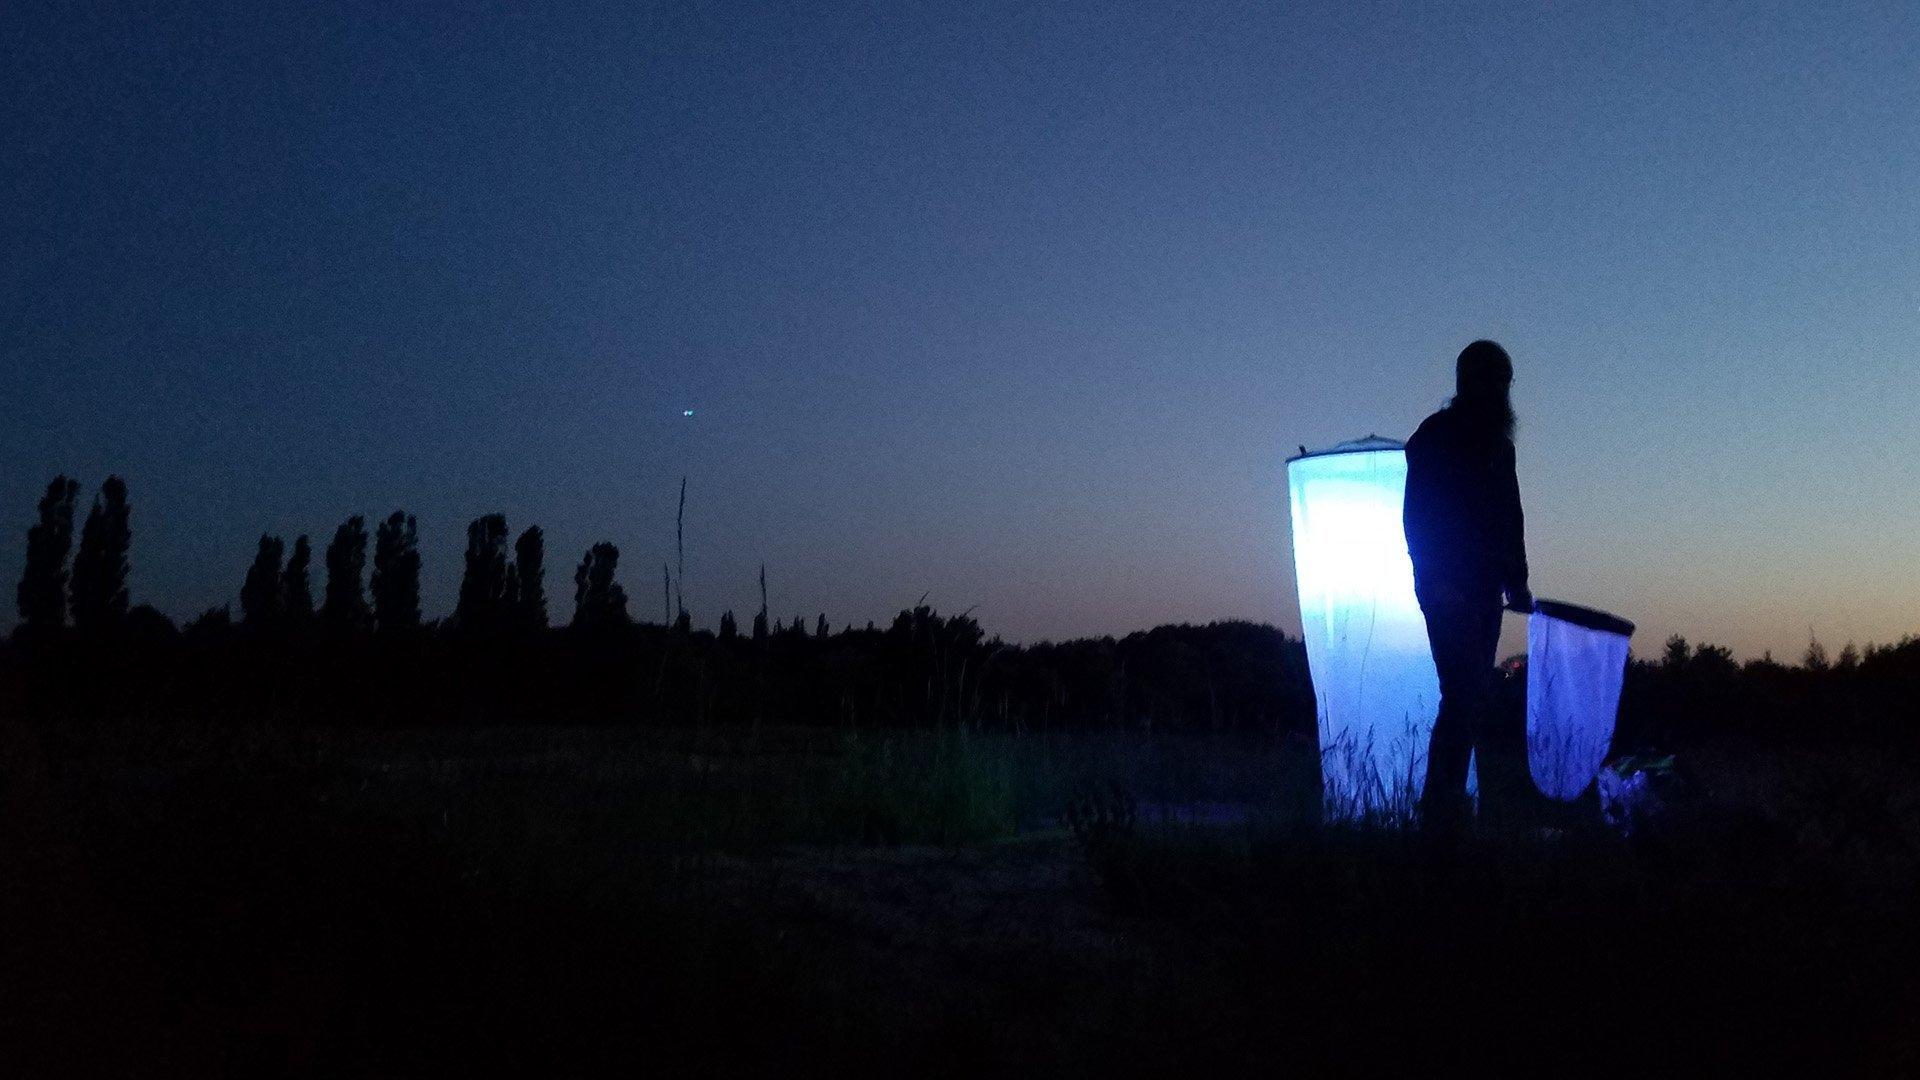 """Timo Zeimet, Student der Biologie, bei Nacht auf dem """"Energieberg"""" in Hamburg-Georgswerder. Er steht vor einem sogenannten """"Leuchtturm"""", einer mit Gaze umhüllten, in einem rund zwei Meter hohen Gestell aufgehängten Lampe, mit der er Nachtfalter anlocken und bestimmen will."""